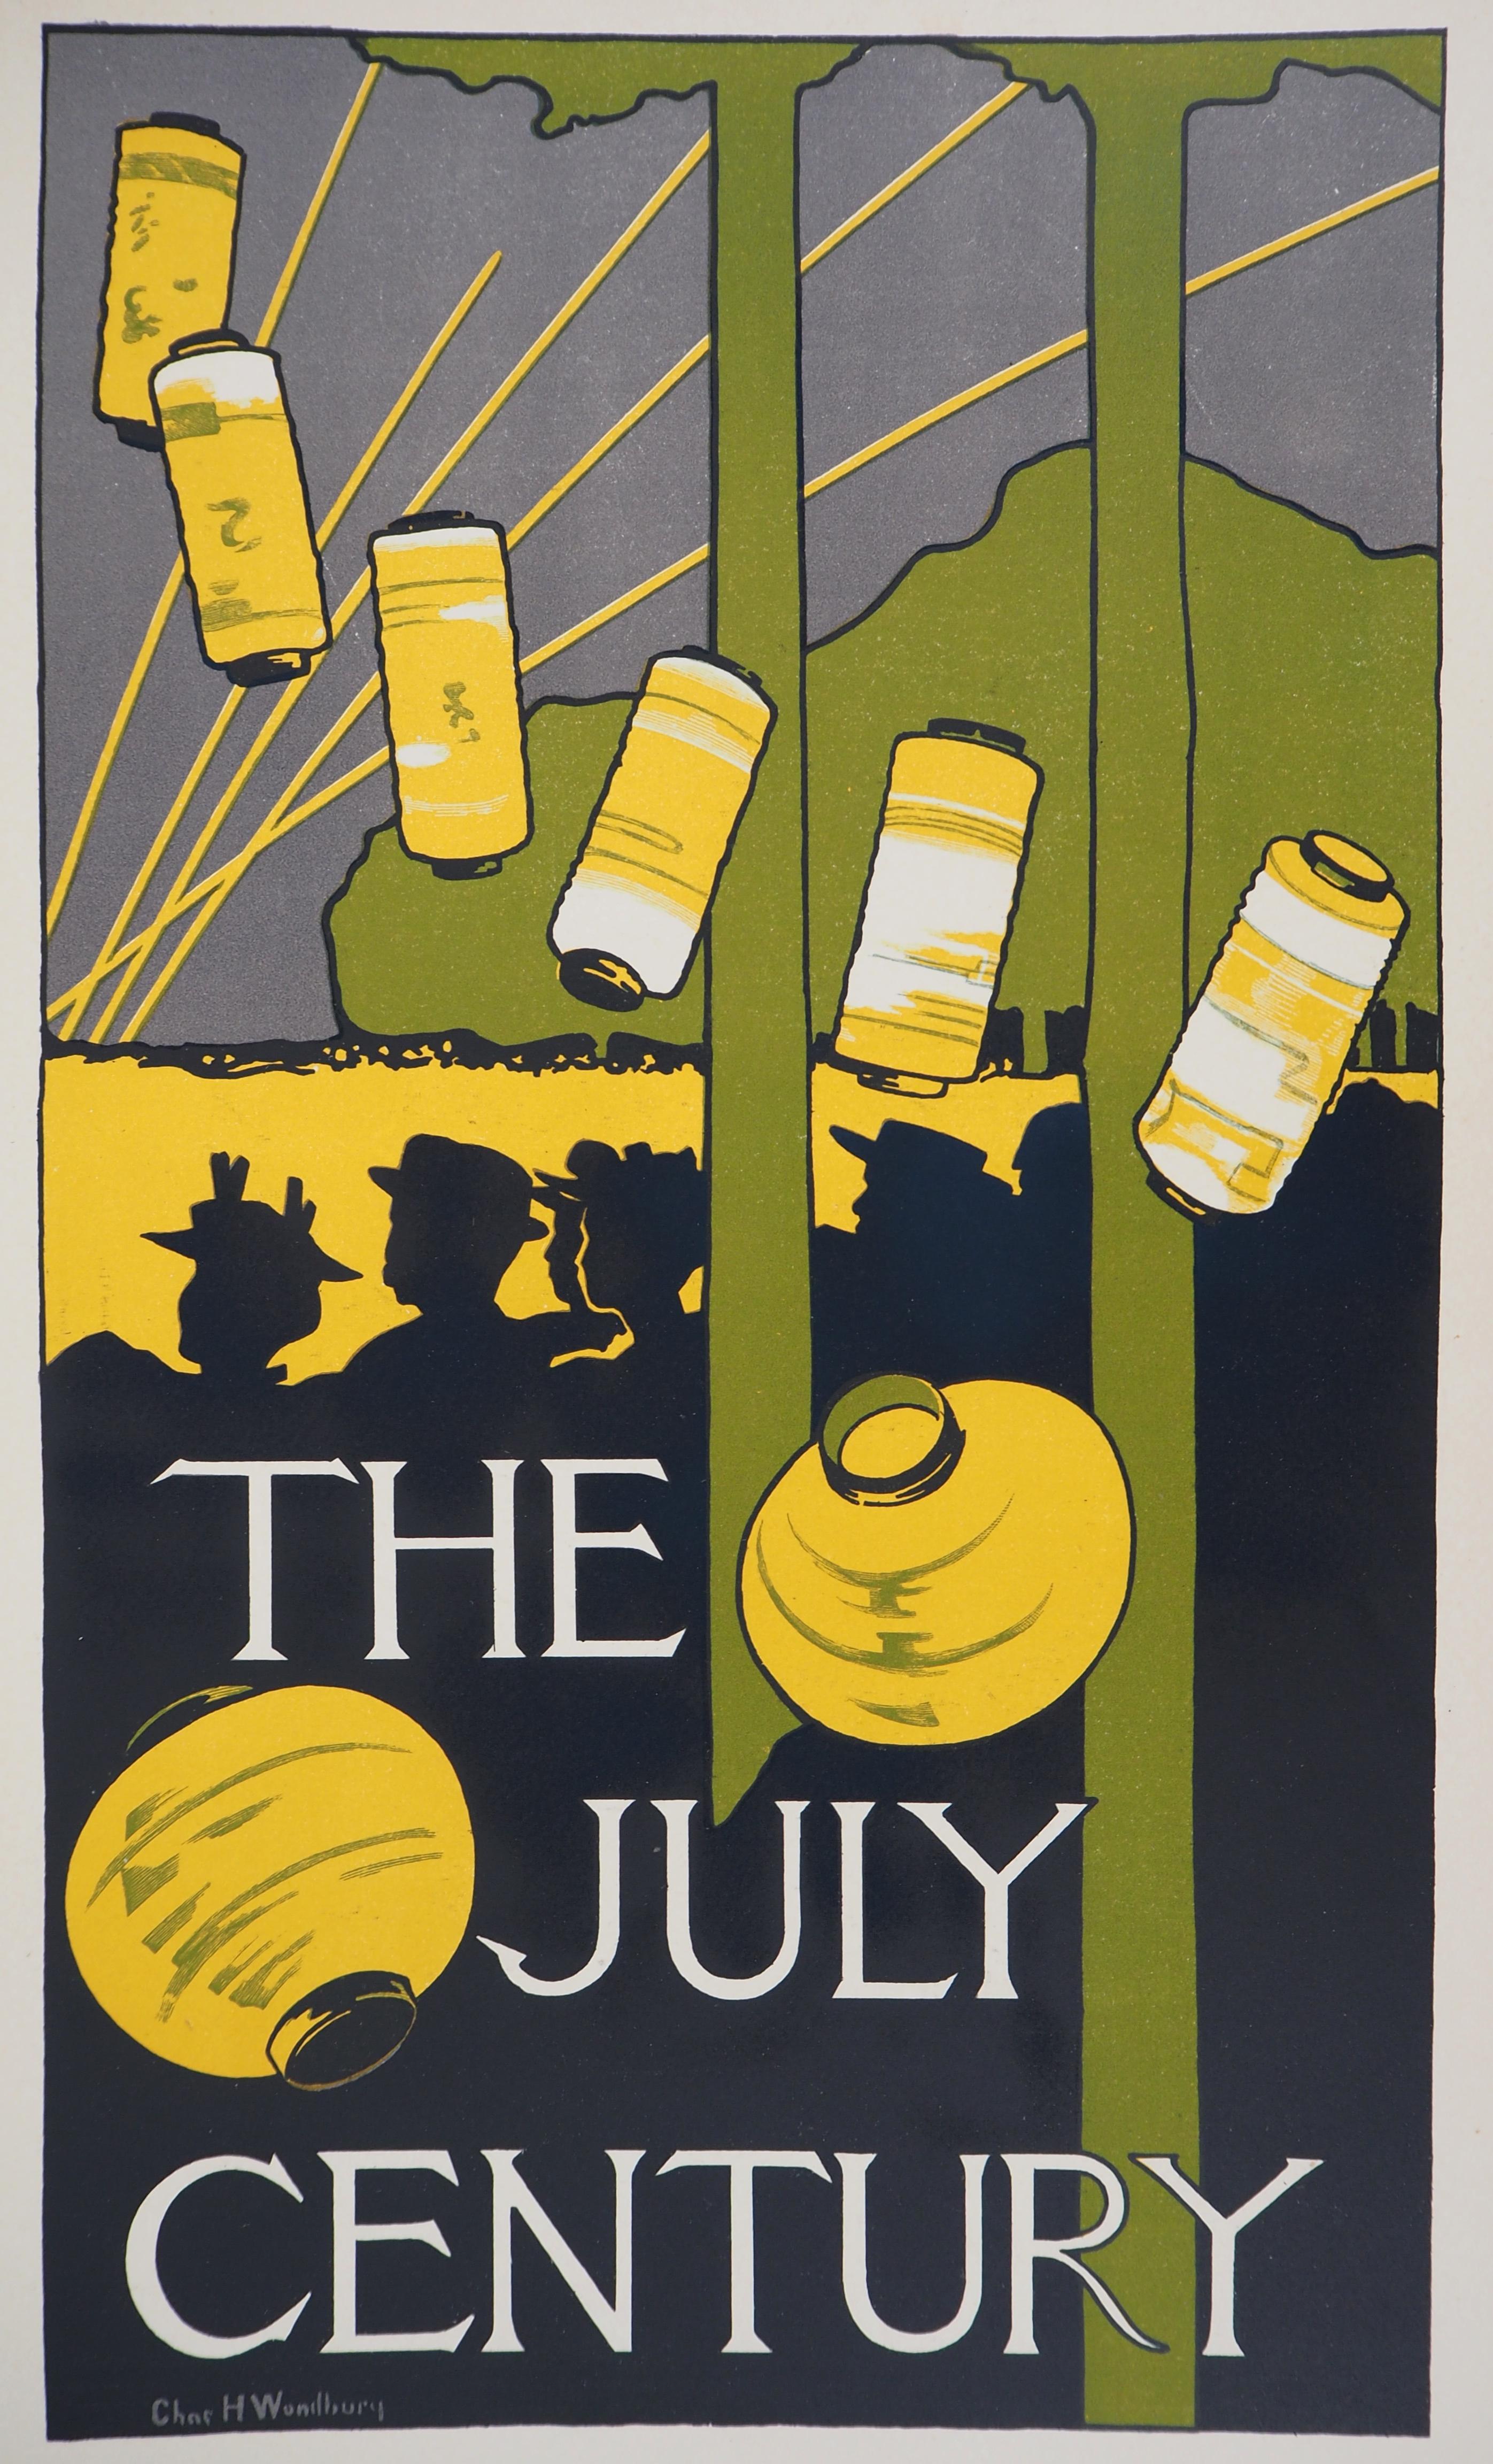 The July Century - Lithograph (Les Maîtres de l'Affiche), 1895